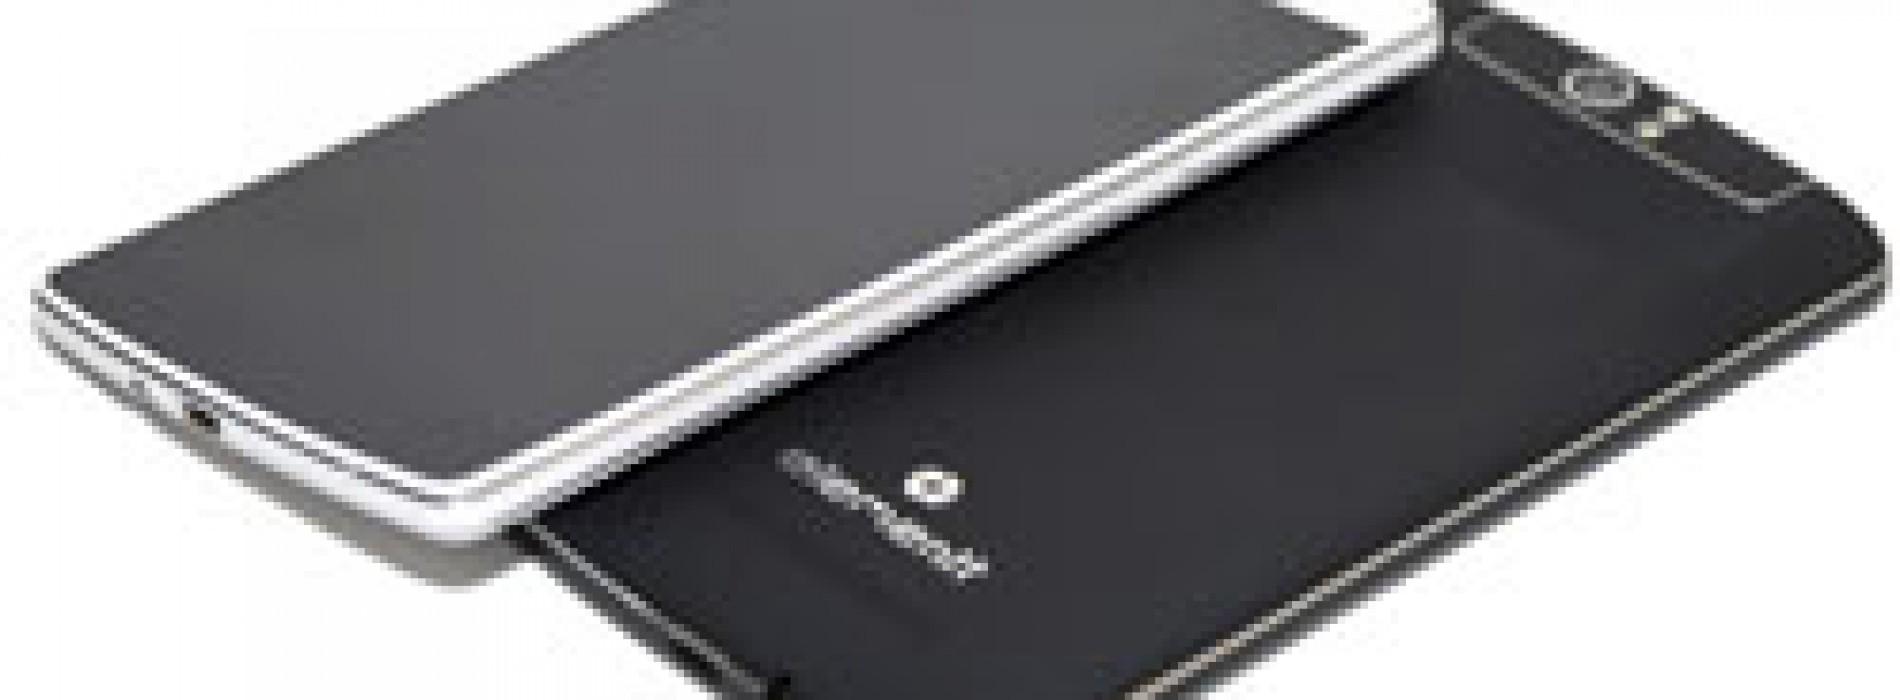 Twister Smartphone con gran diseño, avanzada tecnología y relación precio-calidad